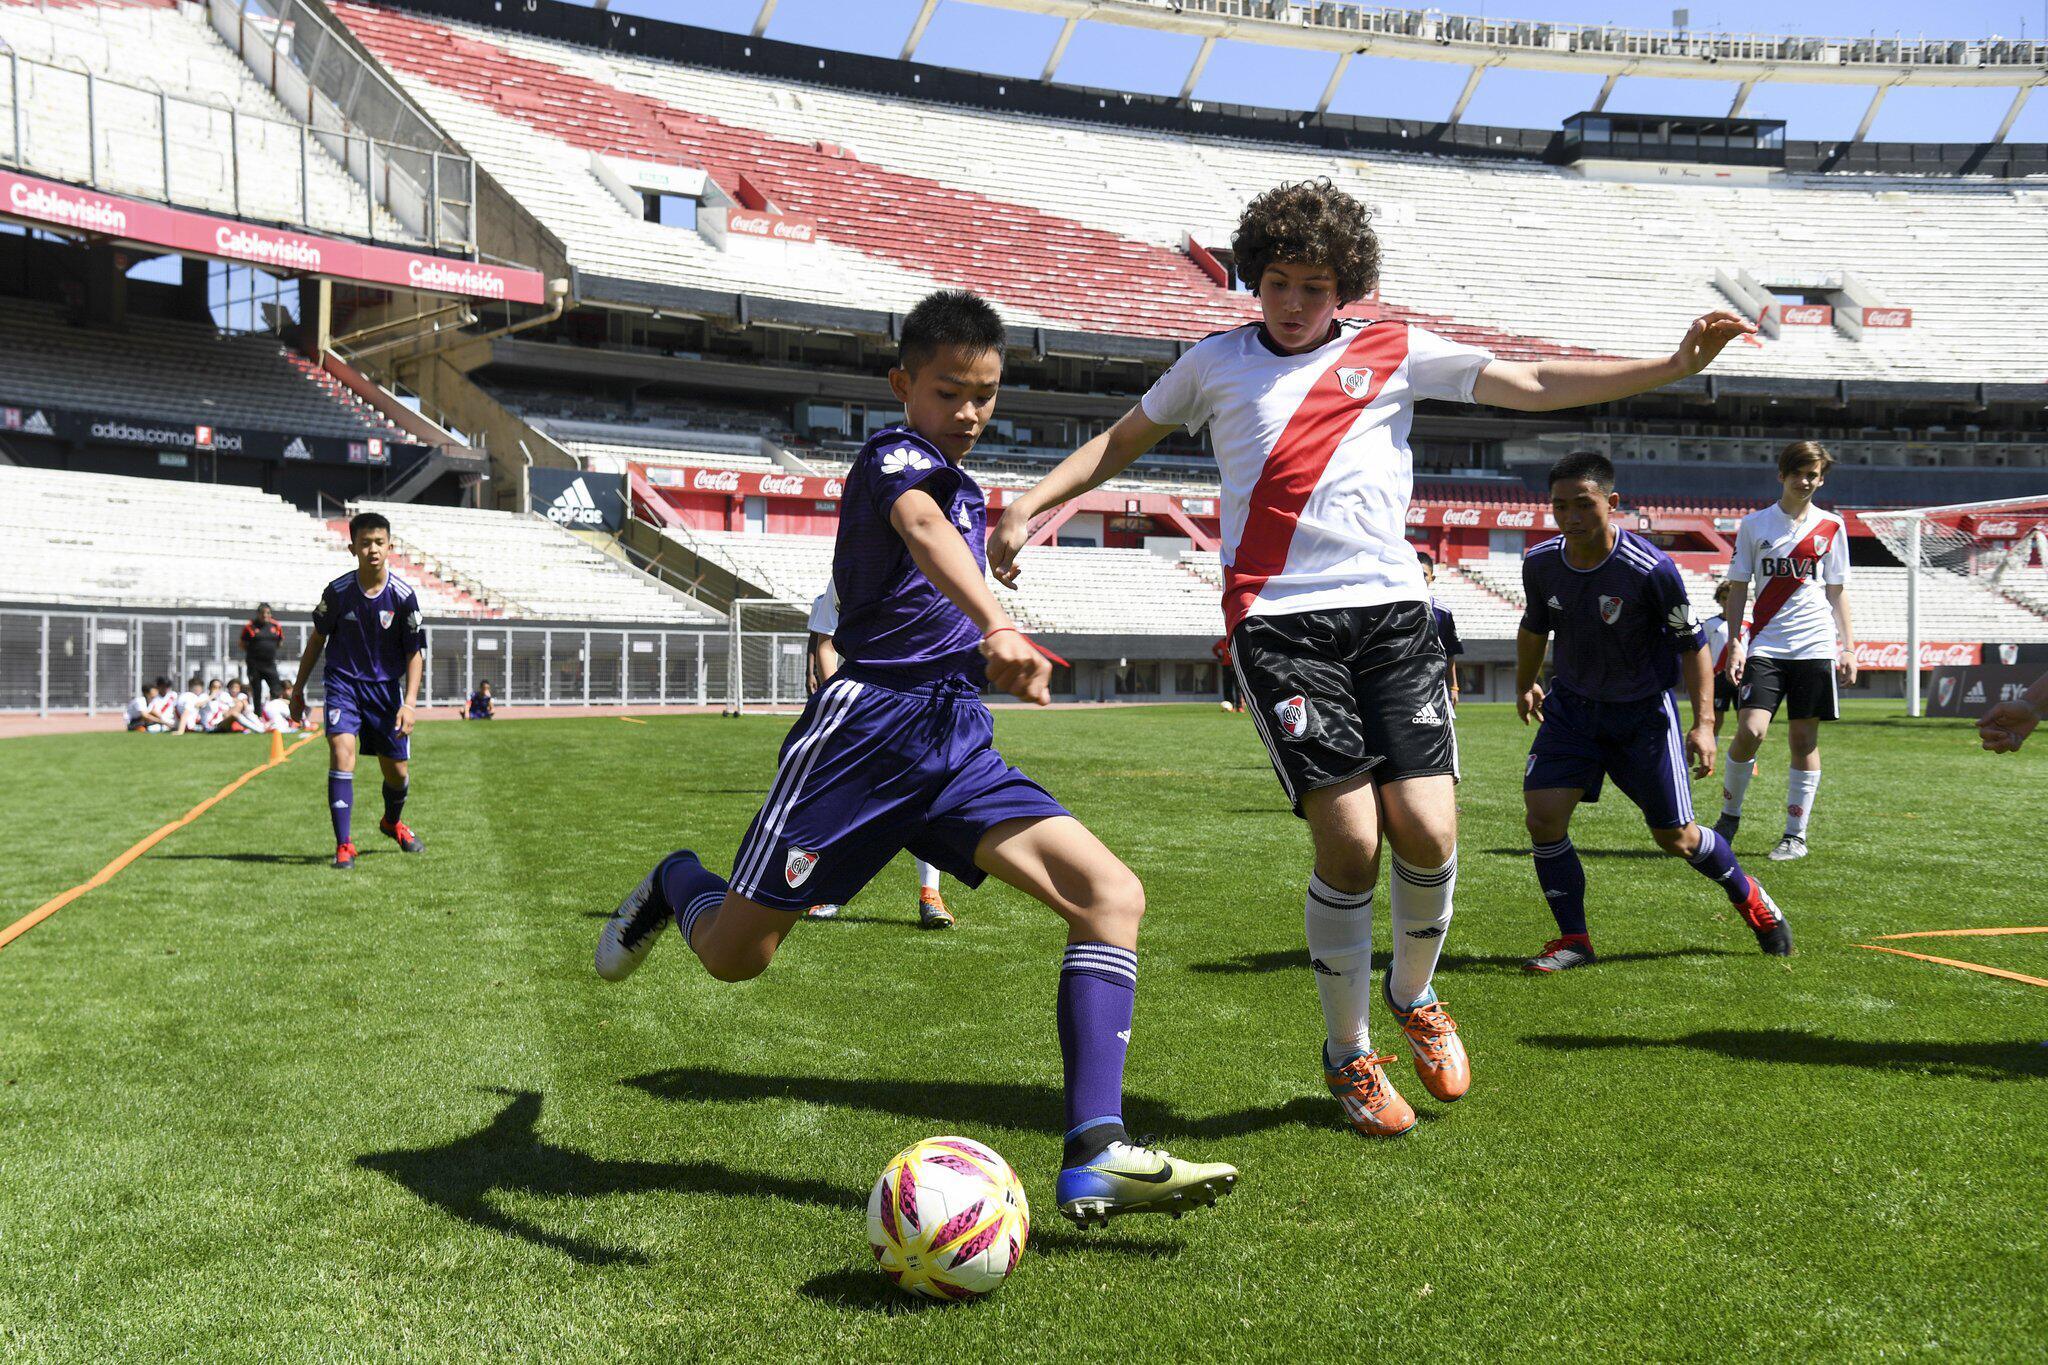 Bild zu Buenos Aires, Olympische Jugendspiele, Wildschweine, Thailand, River Plate, Jugendfußball